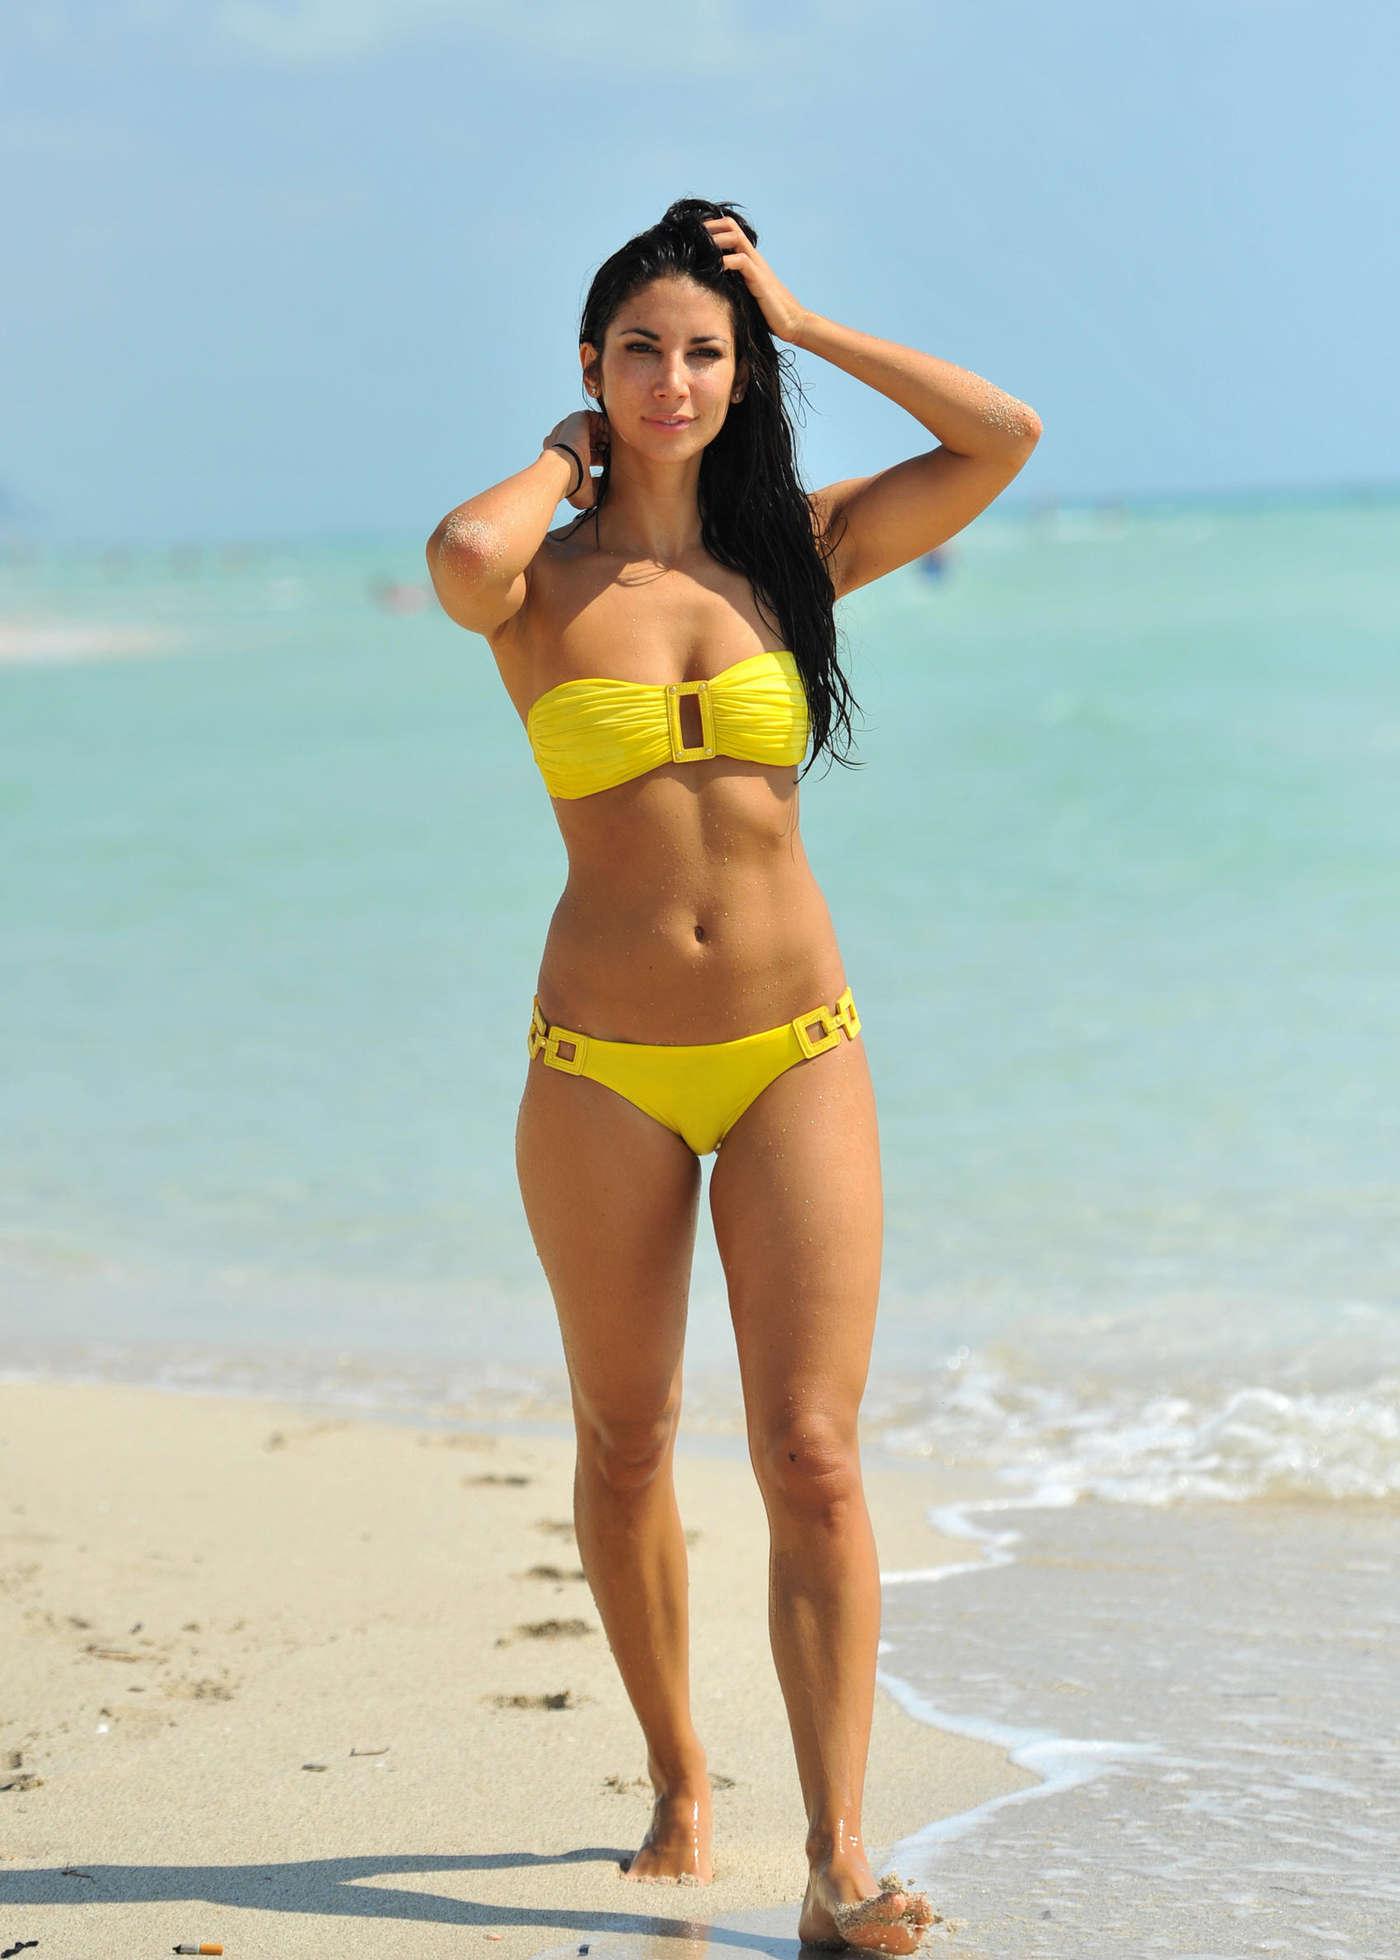 Bikini Pics 112